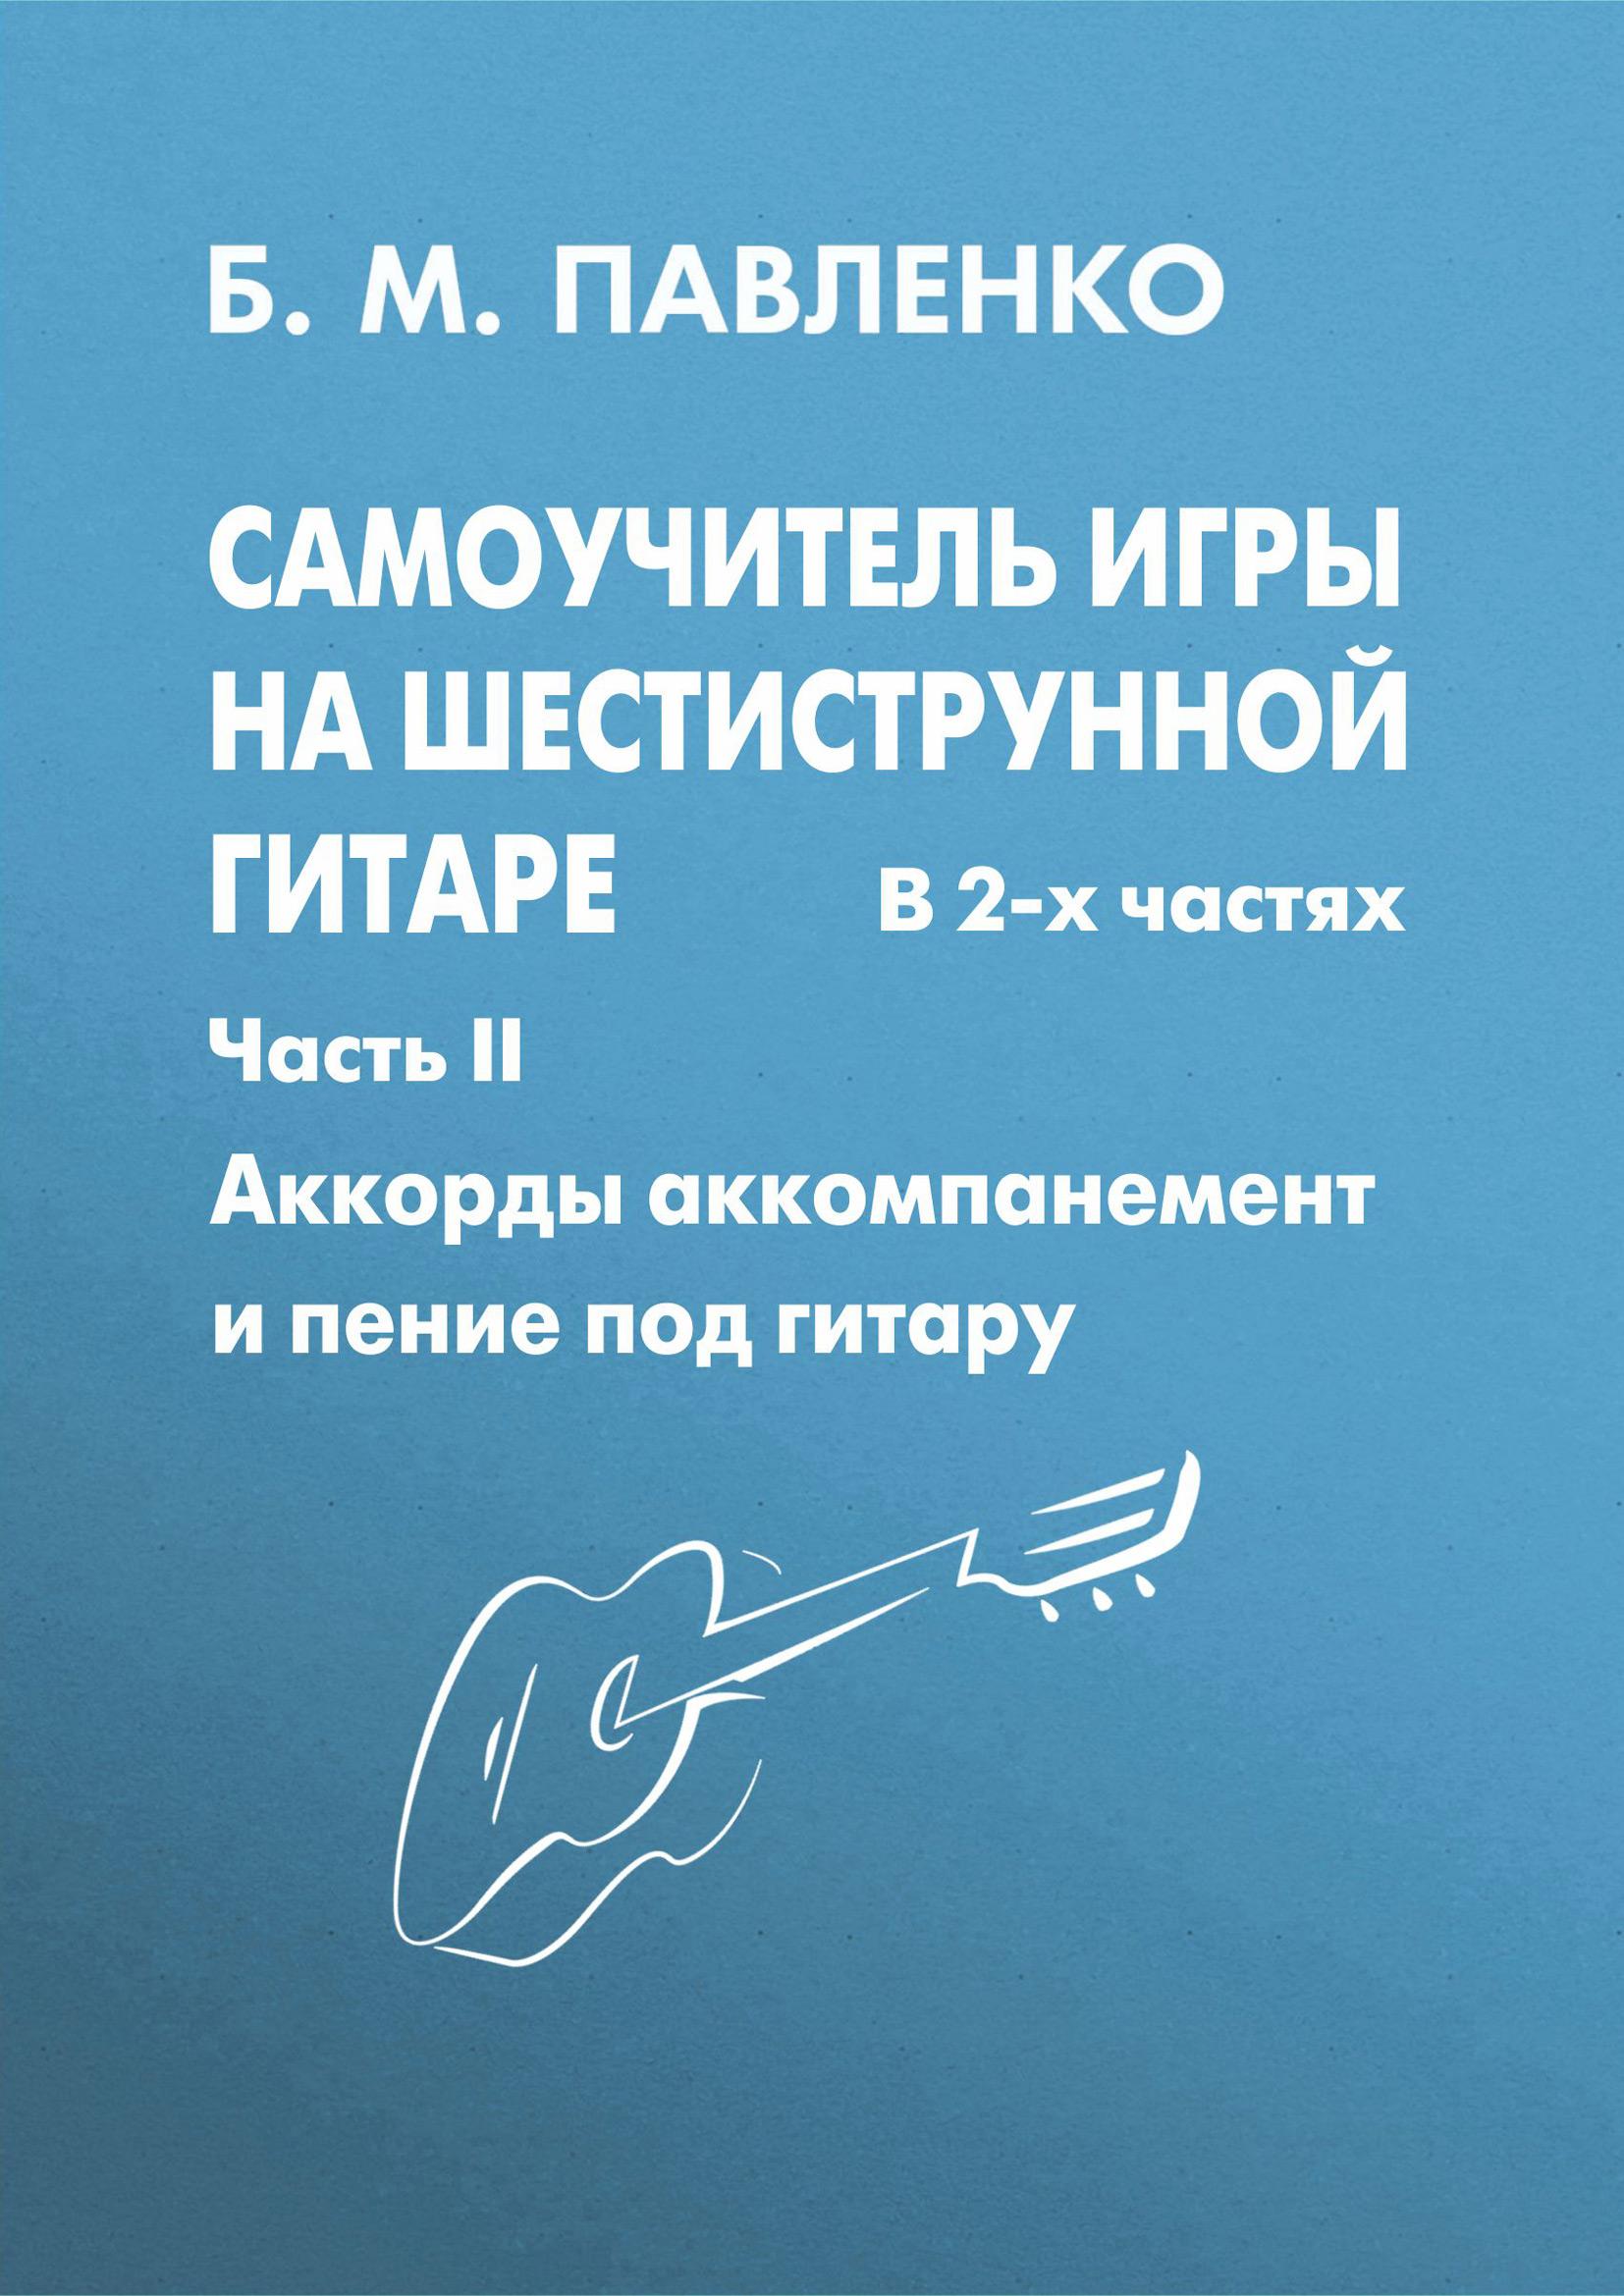 Самоучитель игры на шестиструнной гитаре в 2-х частях. Аккорды, аккомпанемент и пение под гитару. Часть II